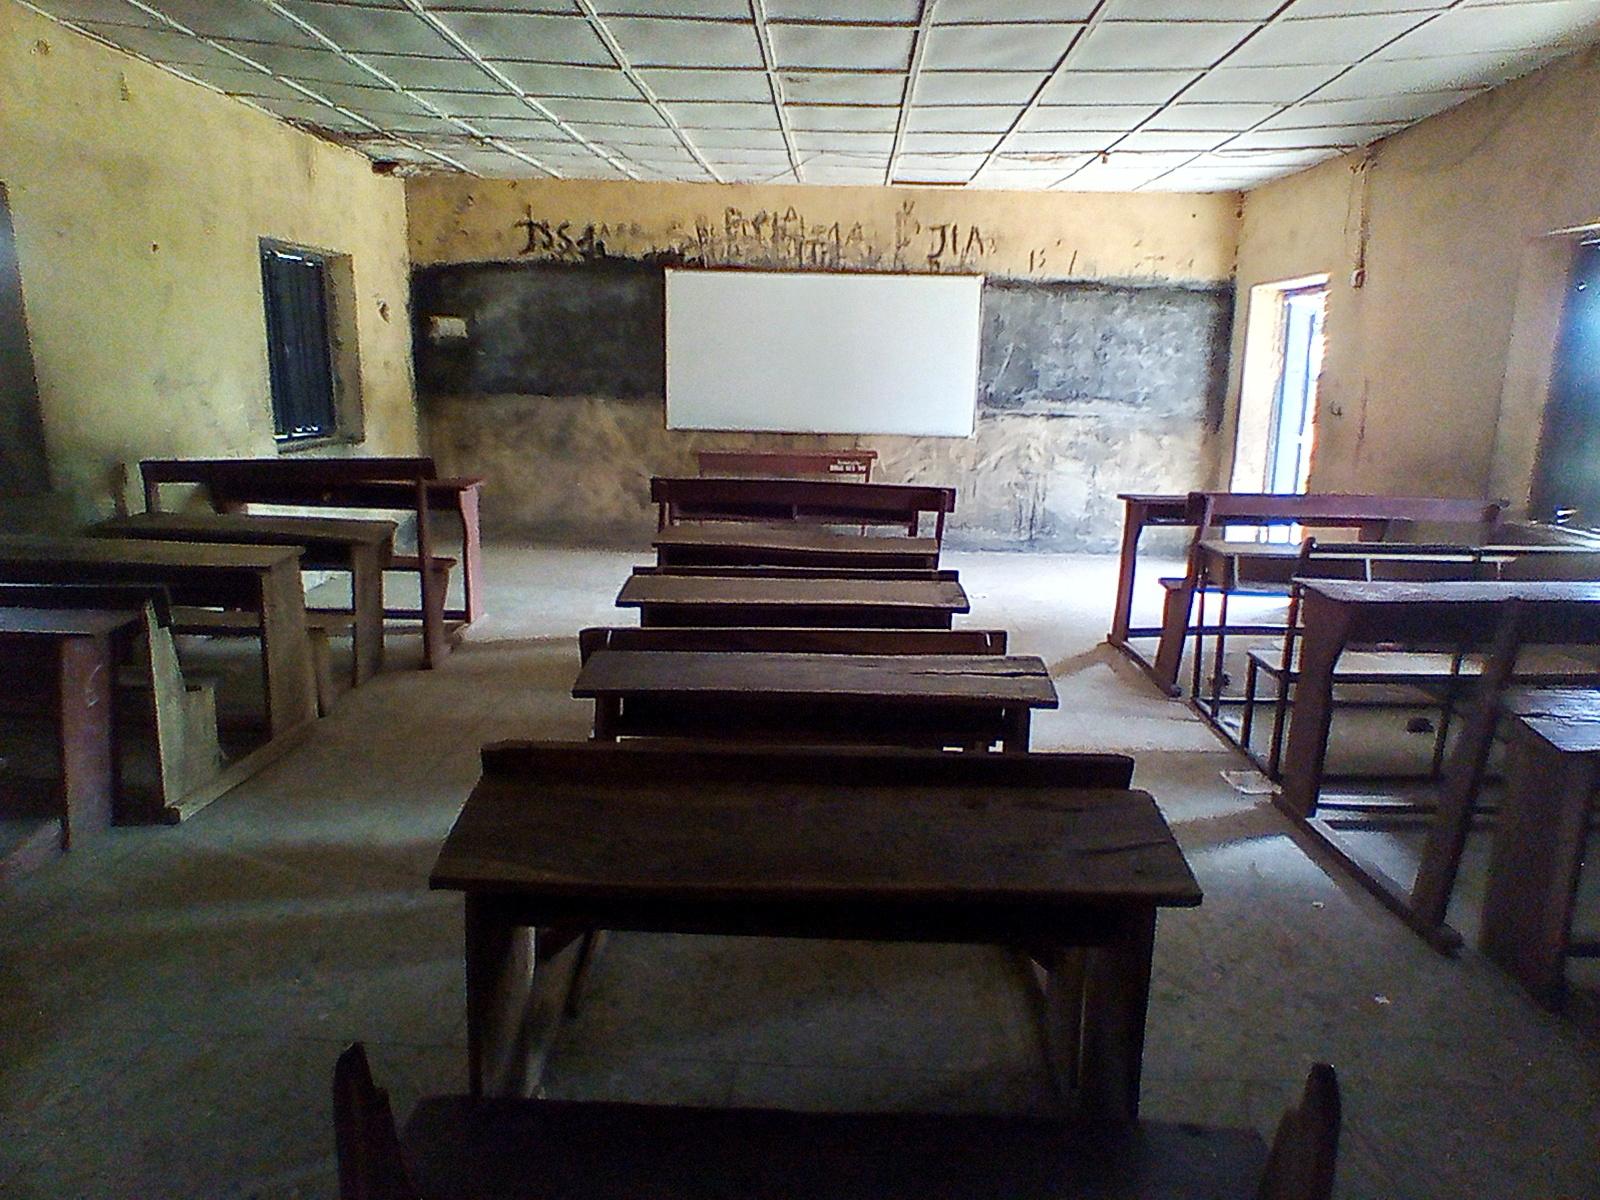 Νιγηρία: Ελεύθεροι 10 μαθητές τρεις μήνες μετά την απαγωγή τους